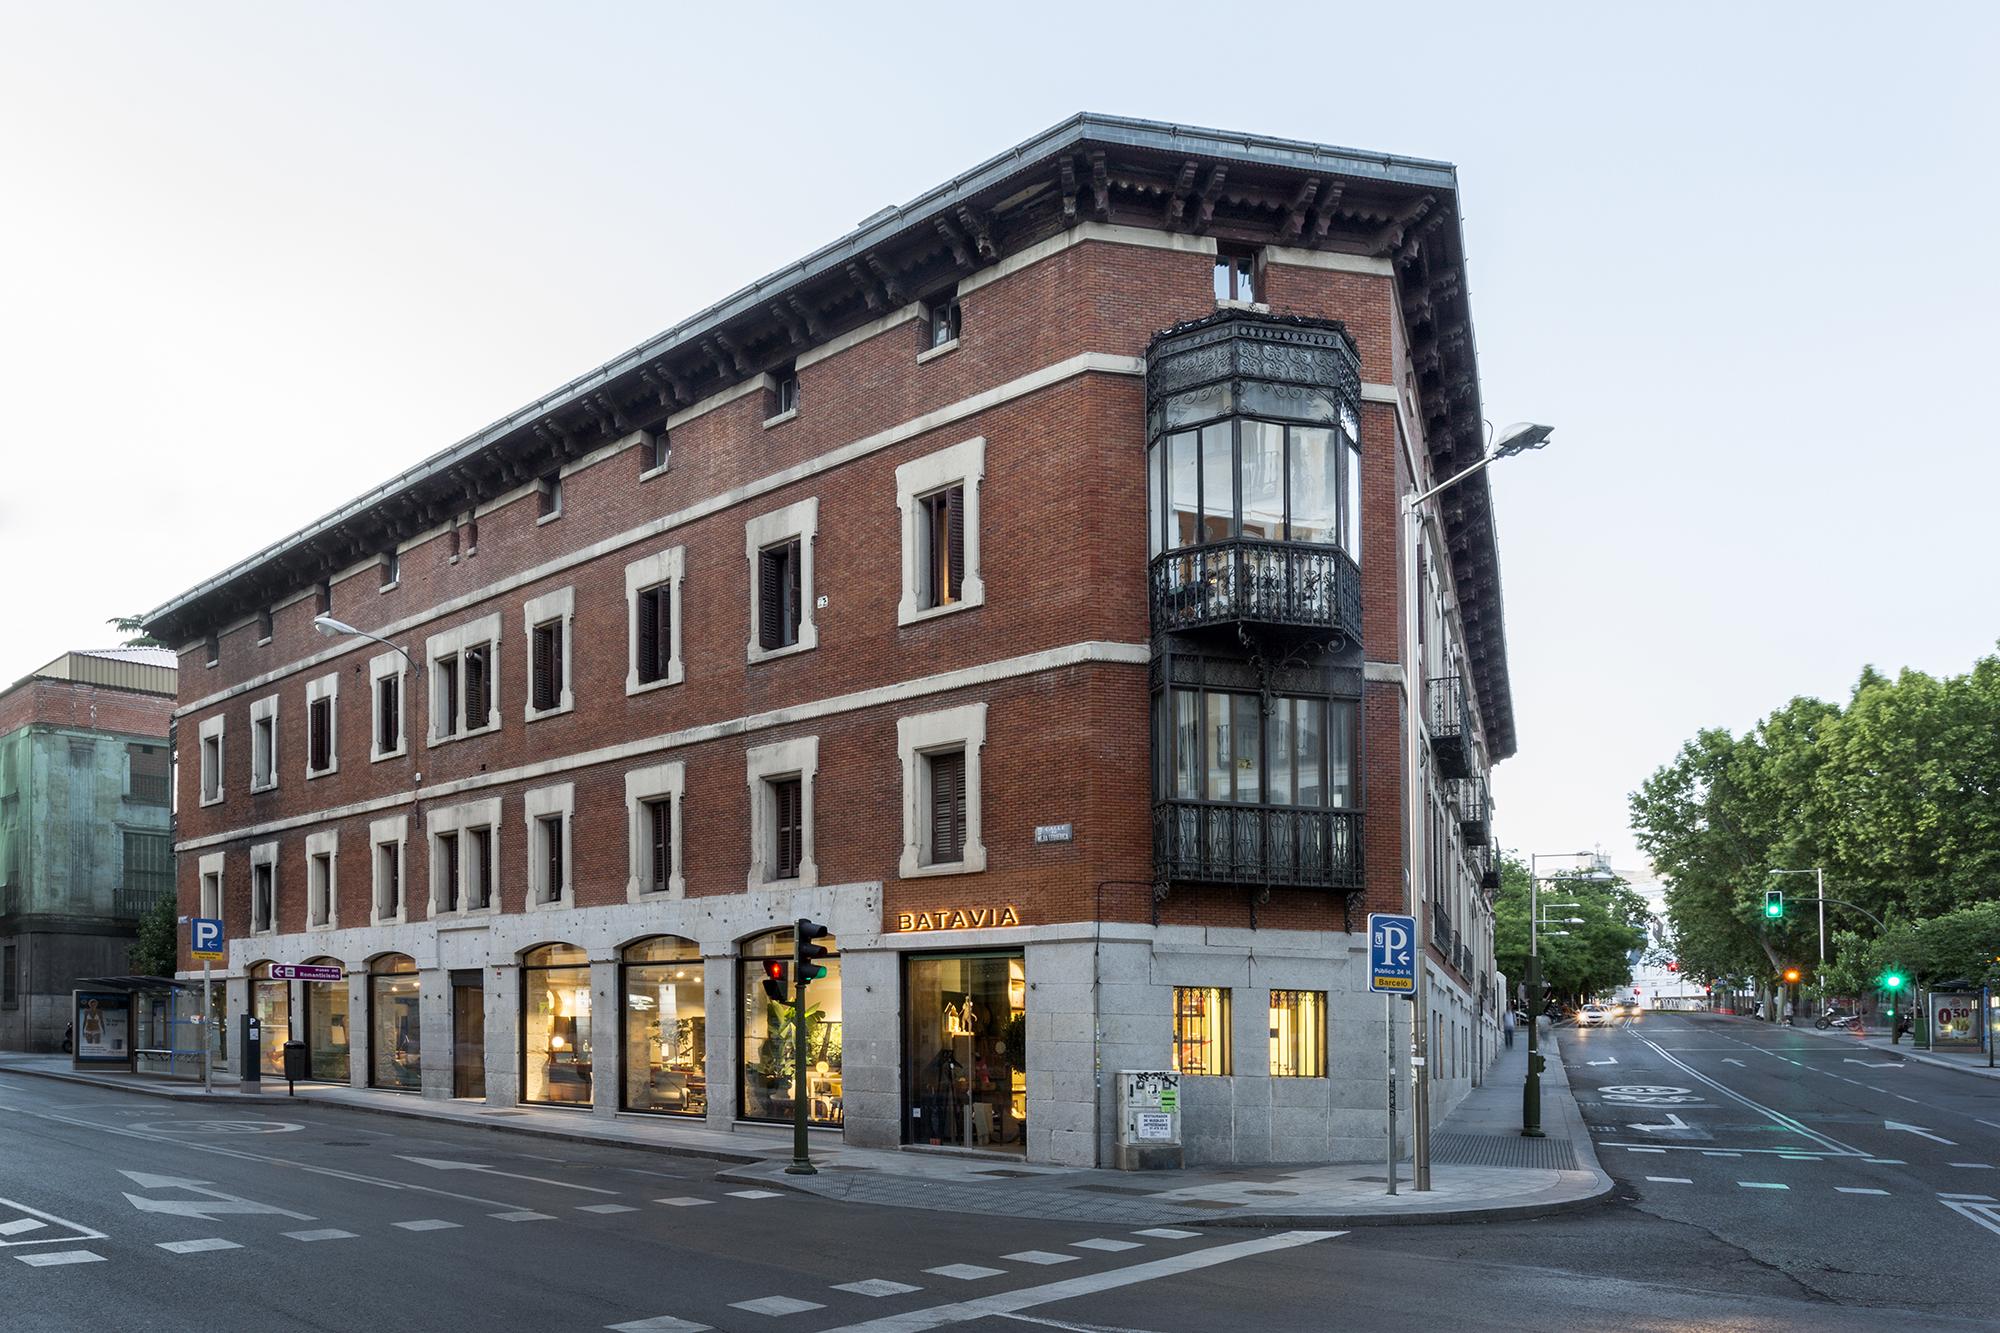 Tienda BATAVIA Madrid